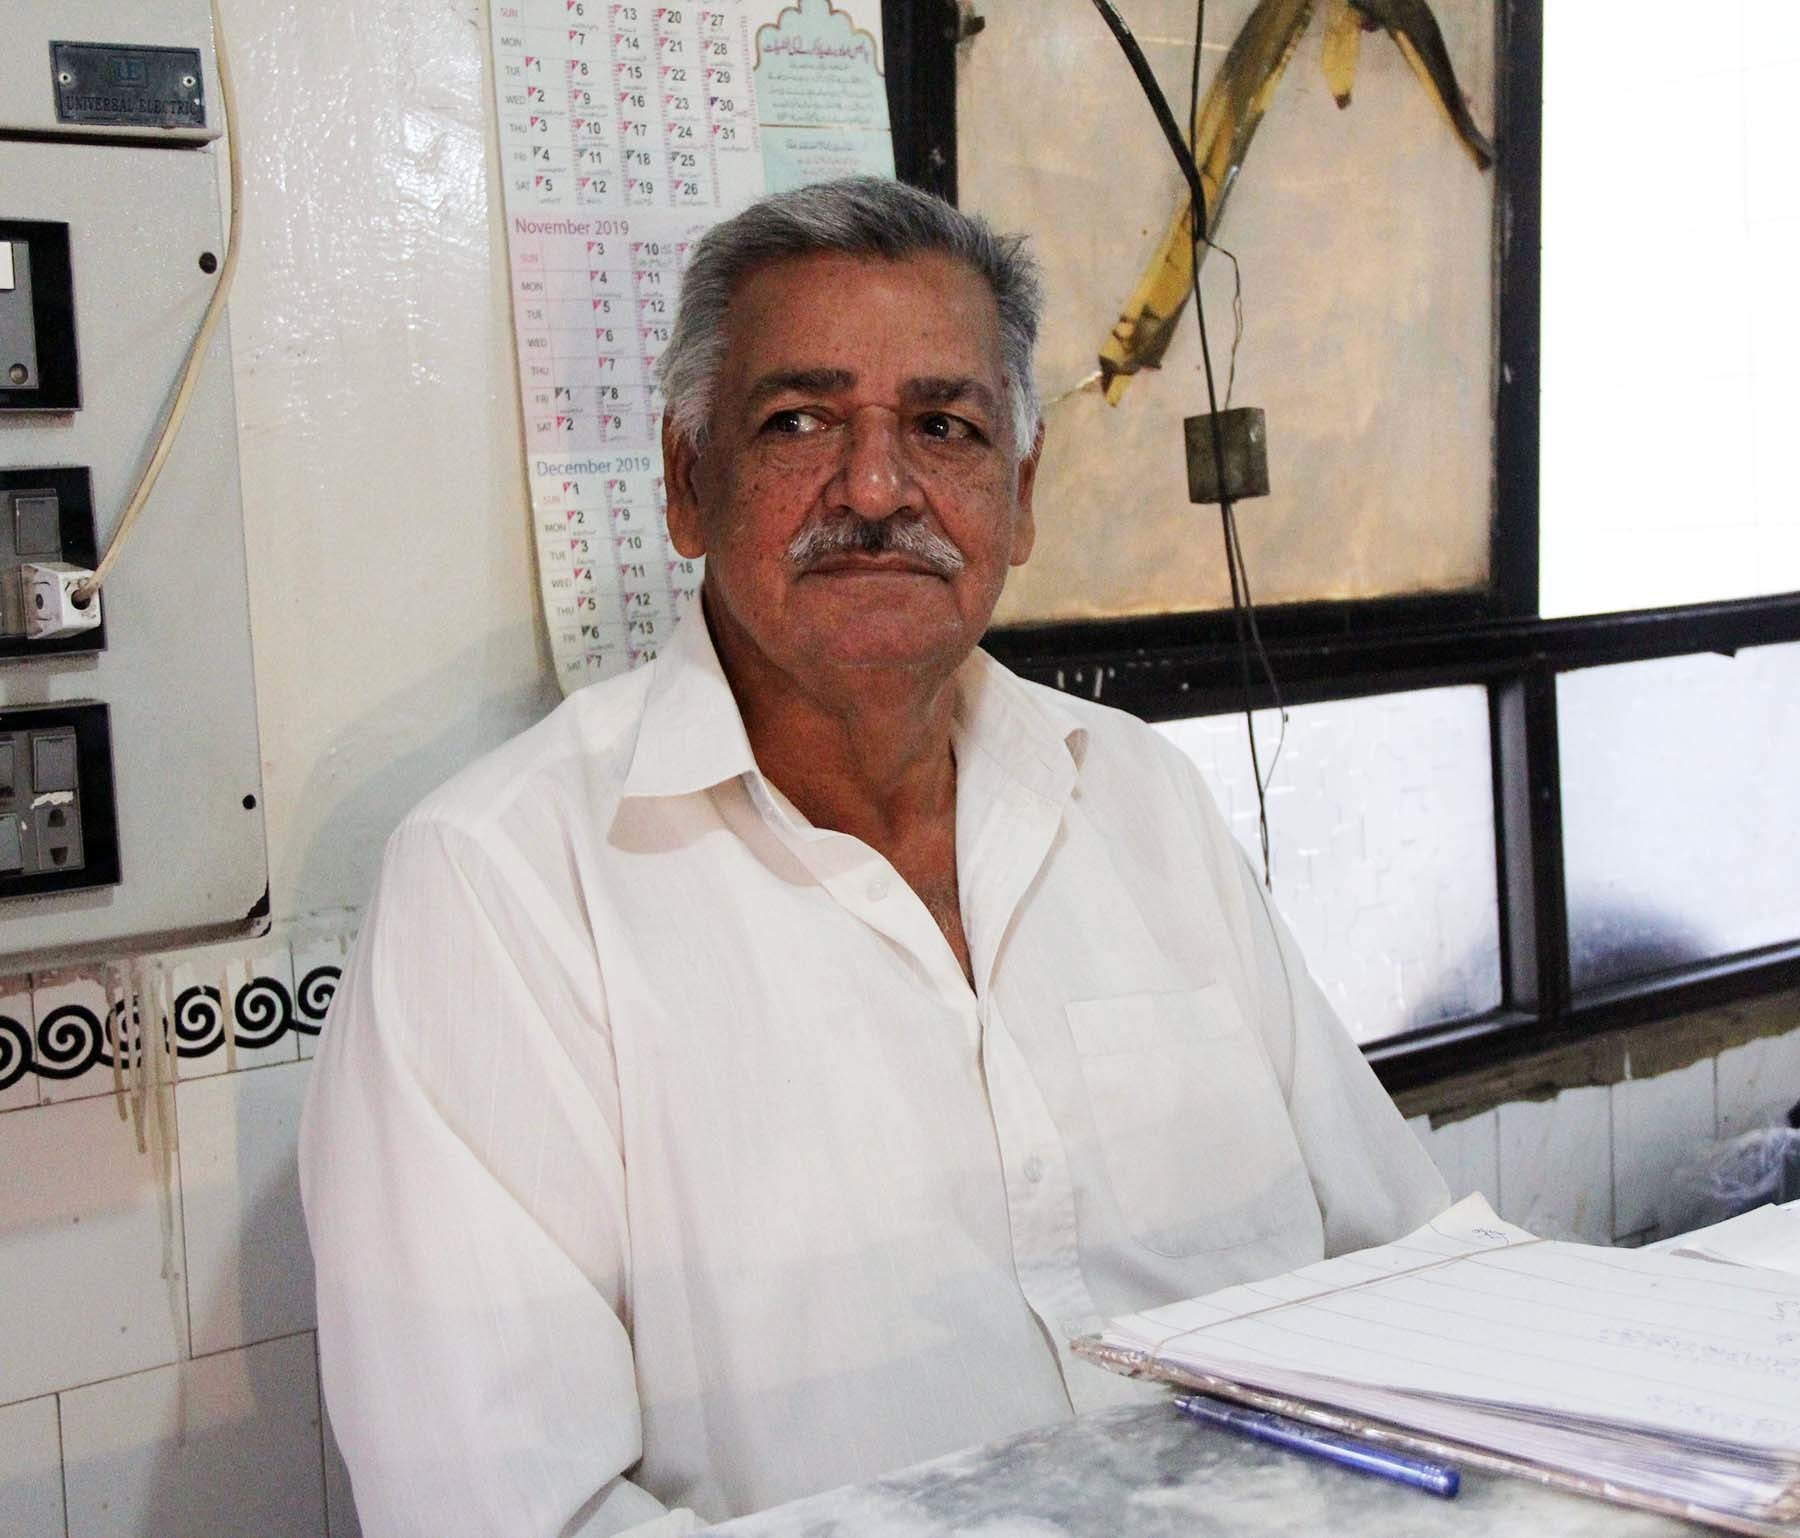 خیرآباد کے مالک حاجی عباس علی—تصویر اعجاز کورائی